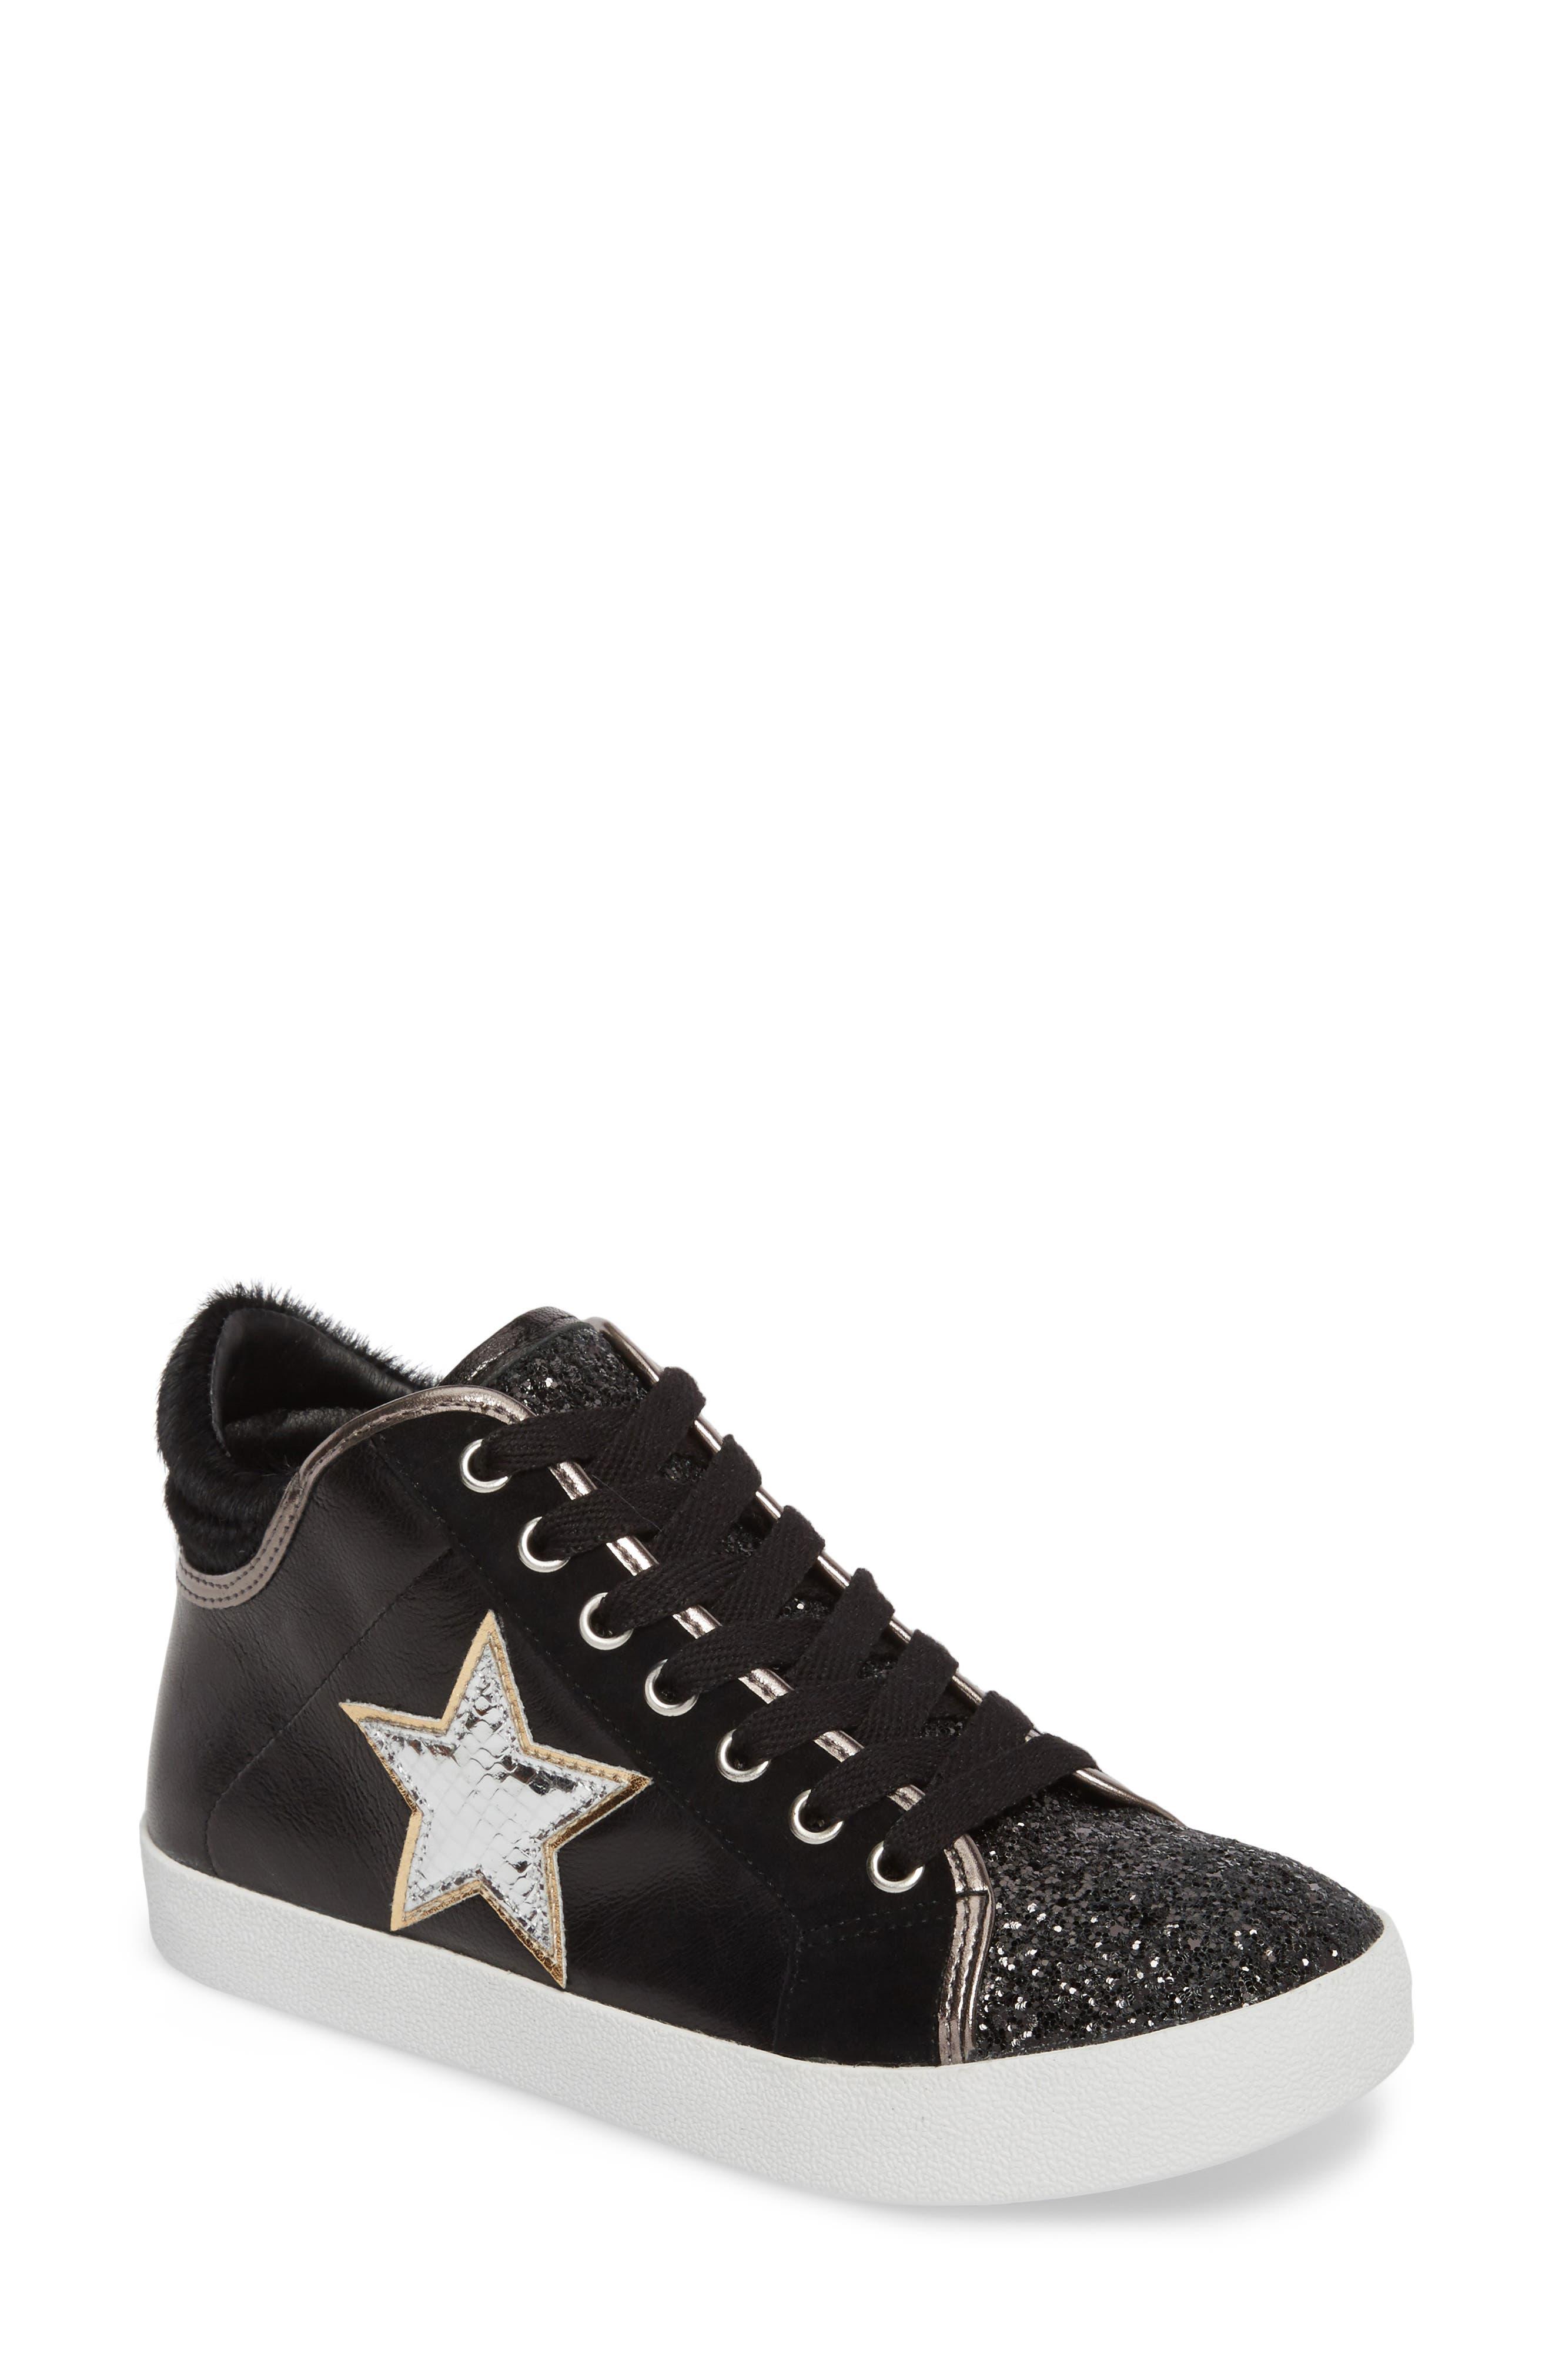 Savior Star Sneaker,                         Main,                         color,